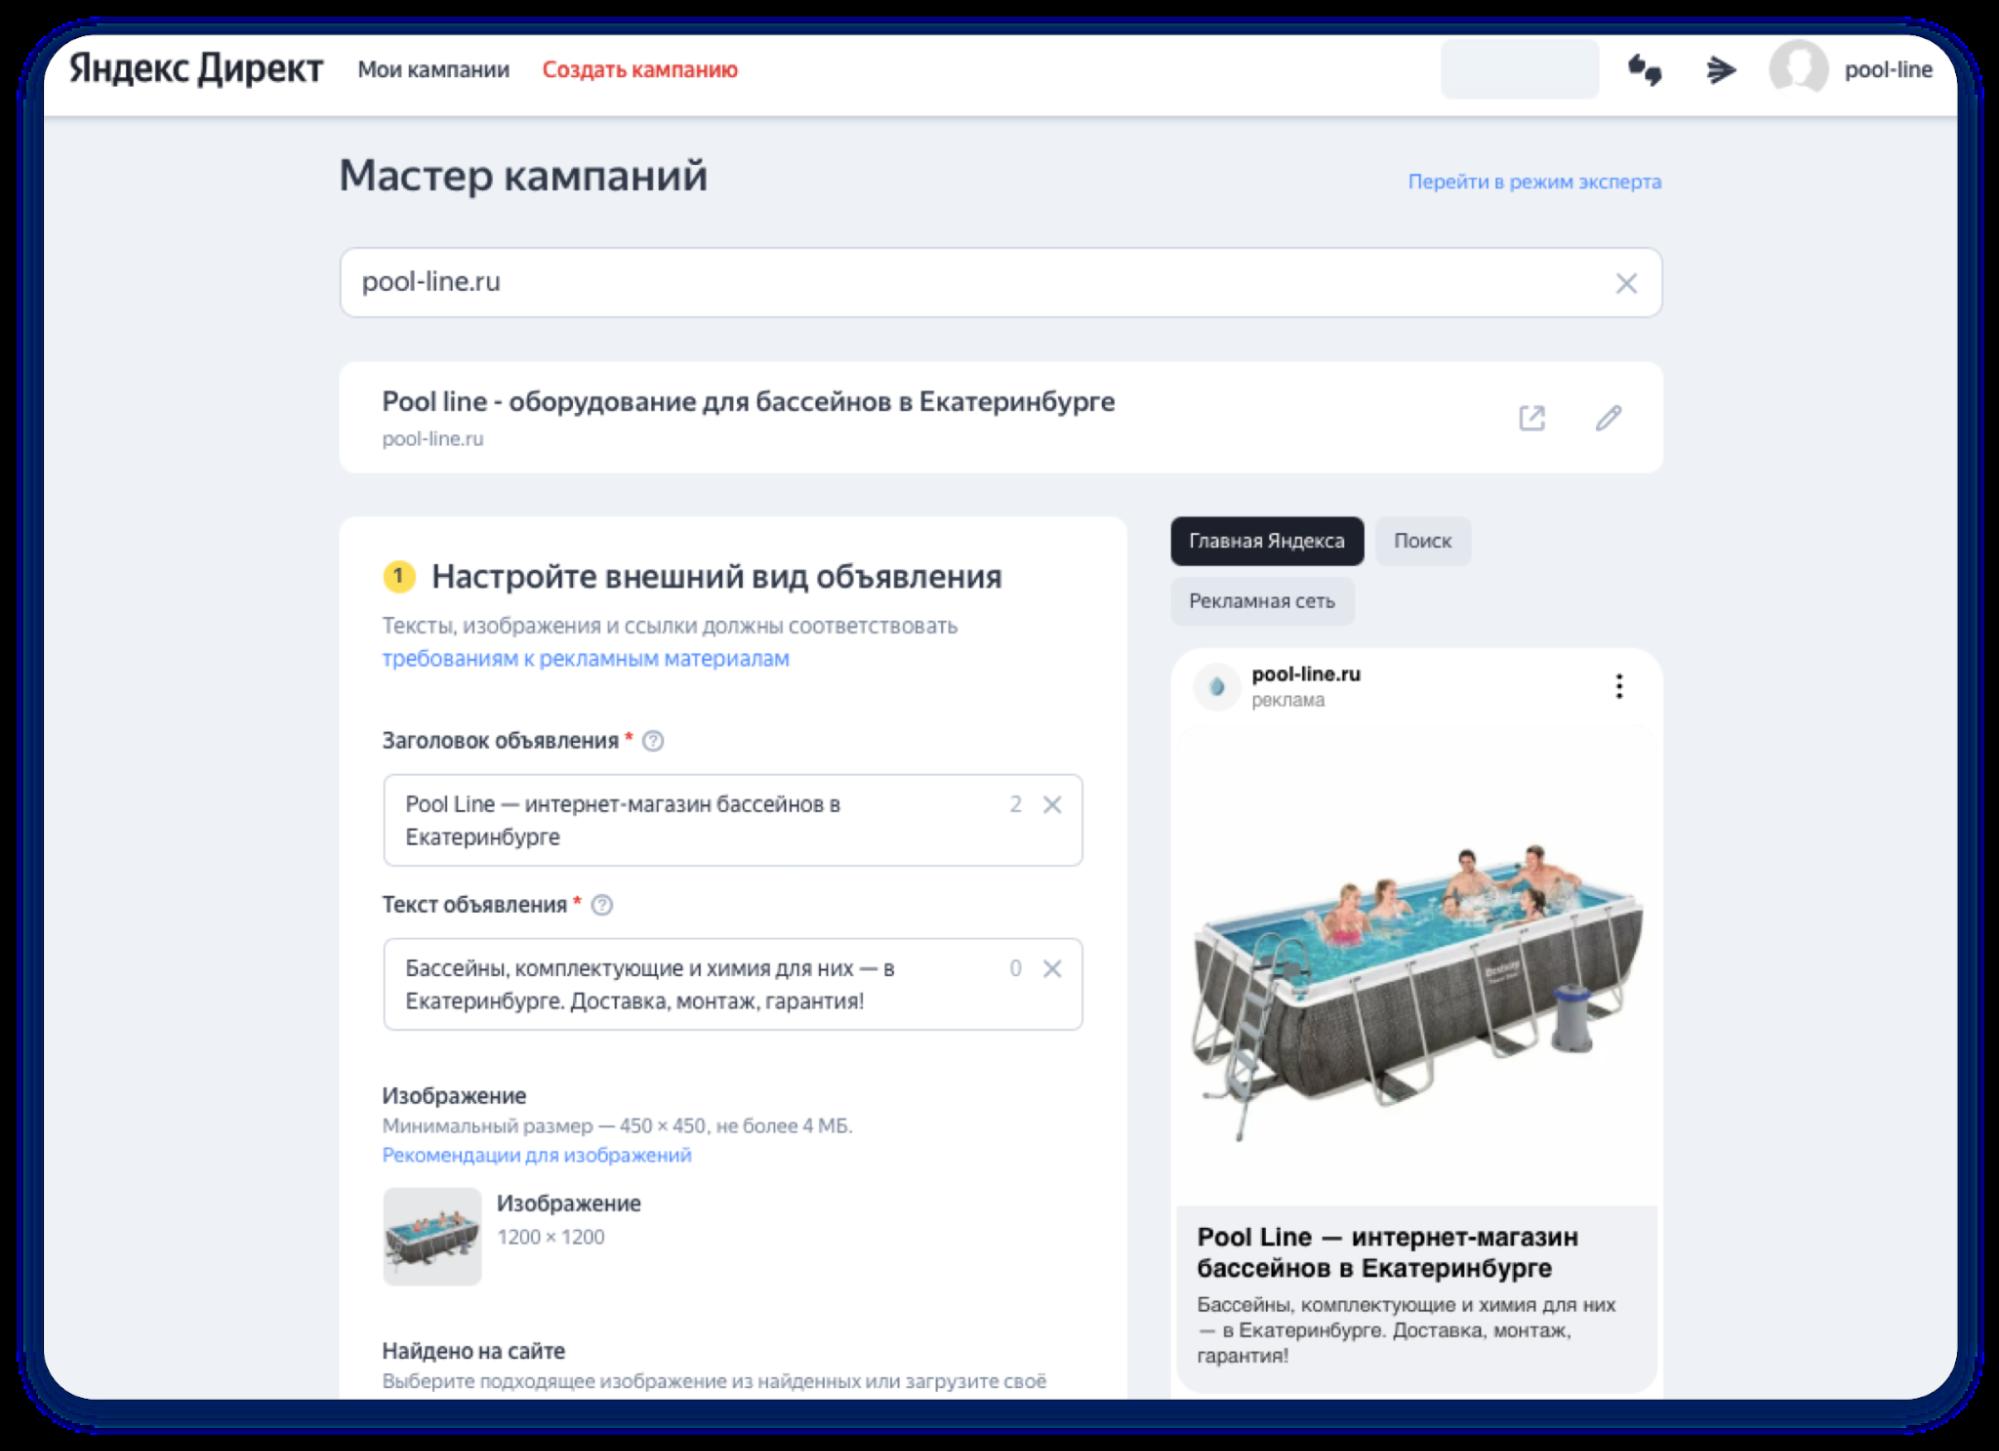 Как настроить Мастер кампаний в Яндекс Директ: шаг 4